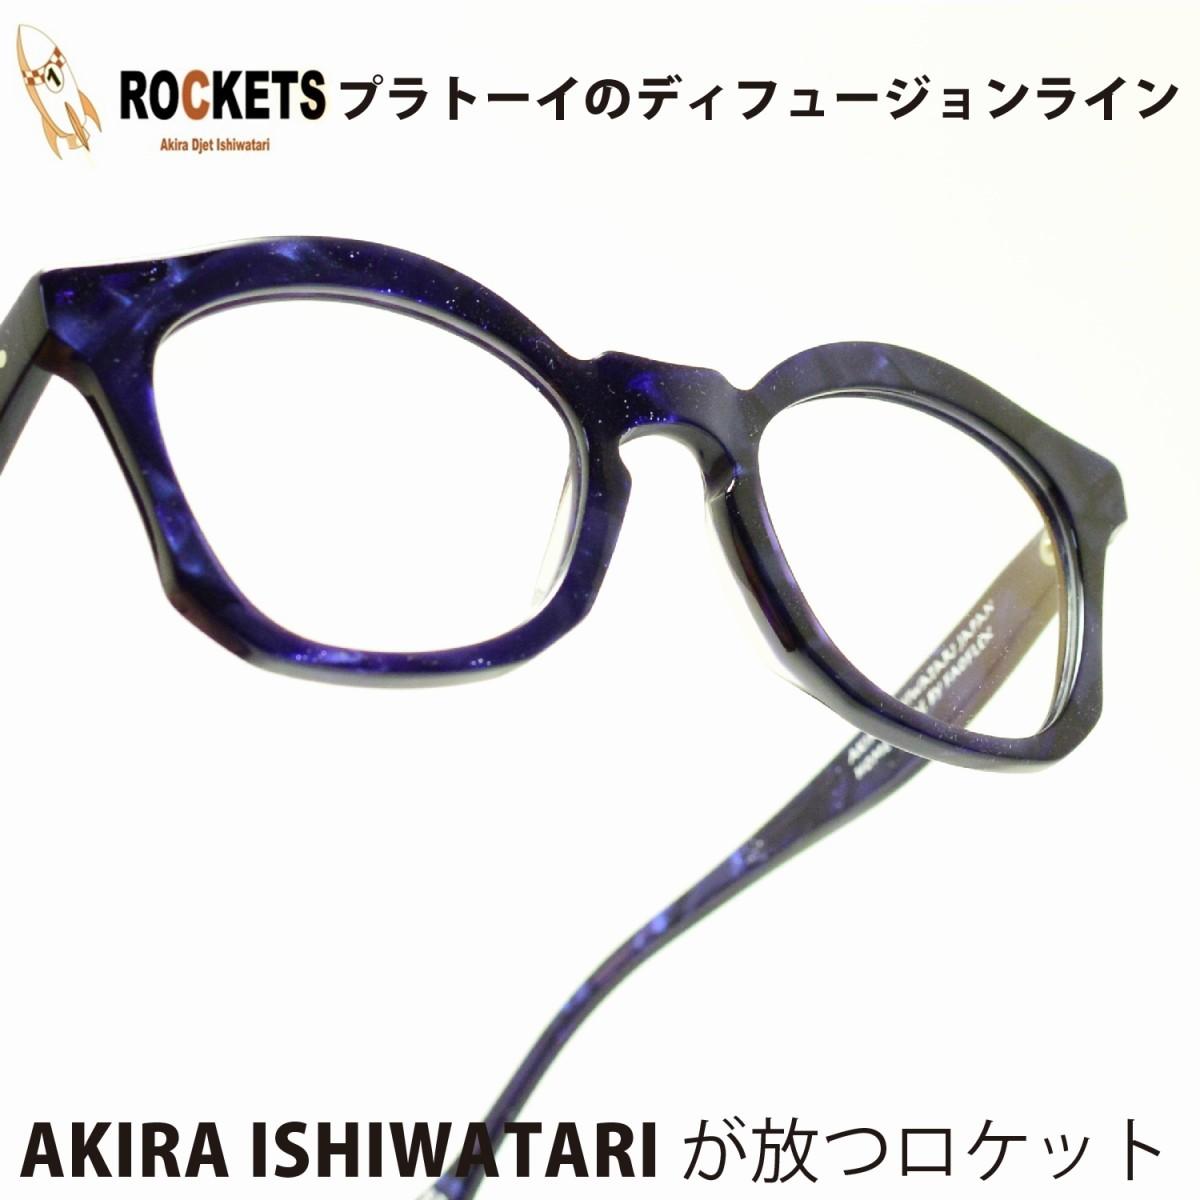 ROCKETS COM COL-LAKEメガネ 眼鏡 めがね メンズ レディース おしゃれ ブランド 人気 おすすめ フレーム 流行り 度付き レンズ